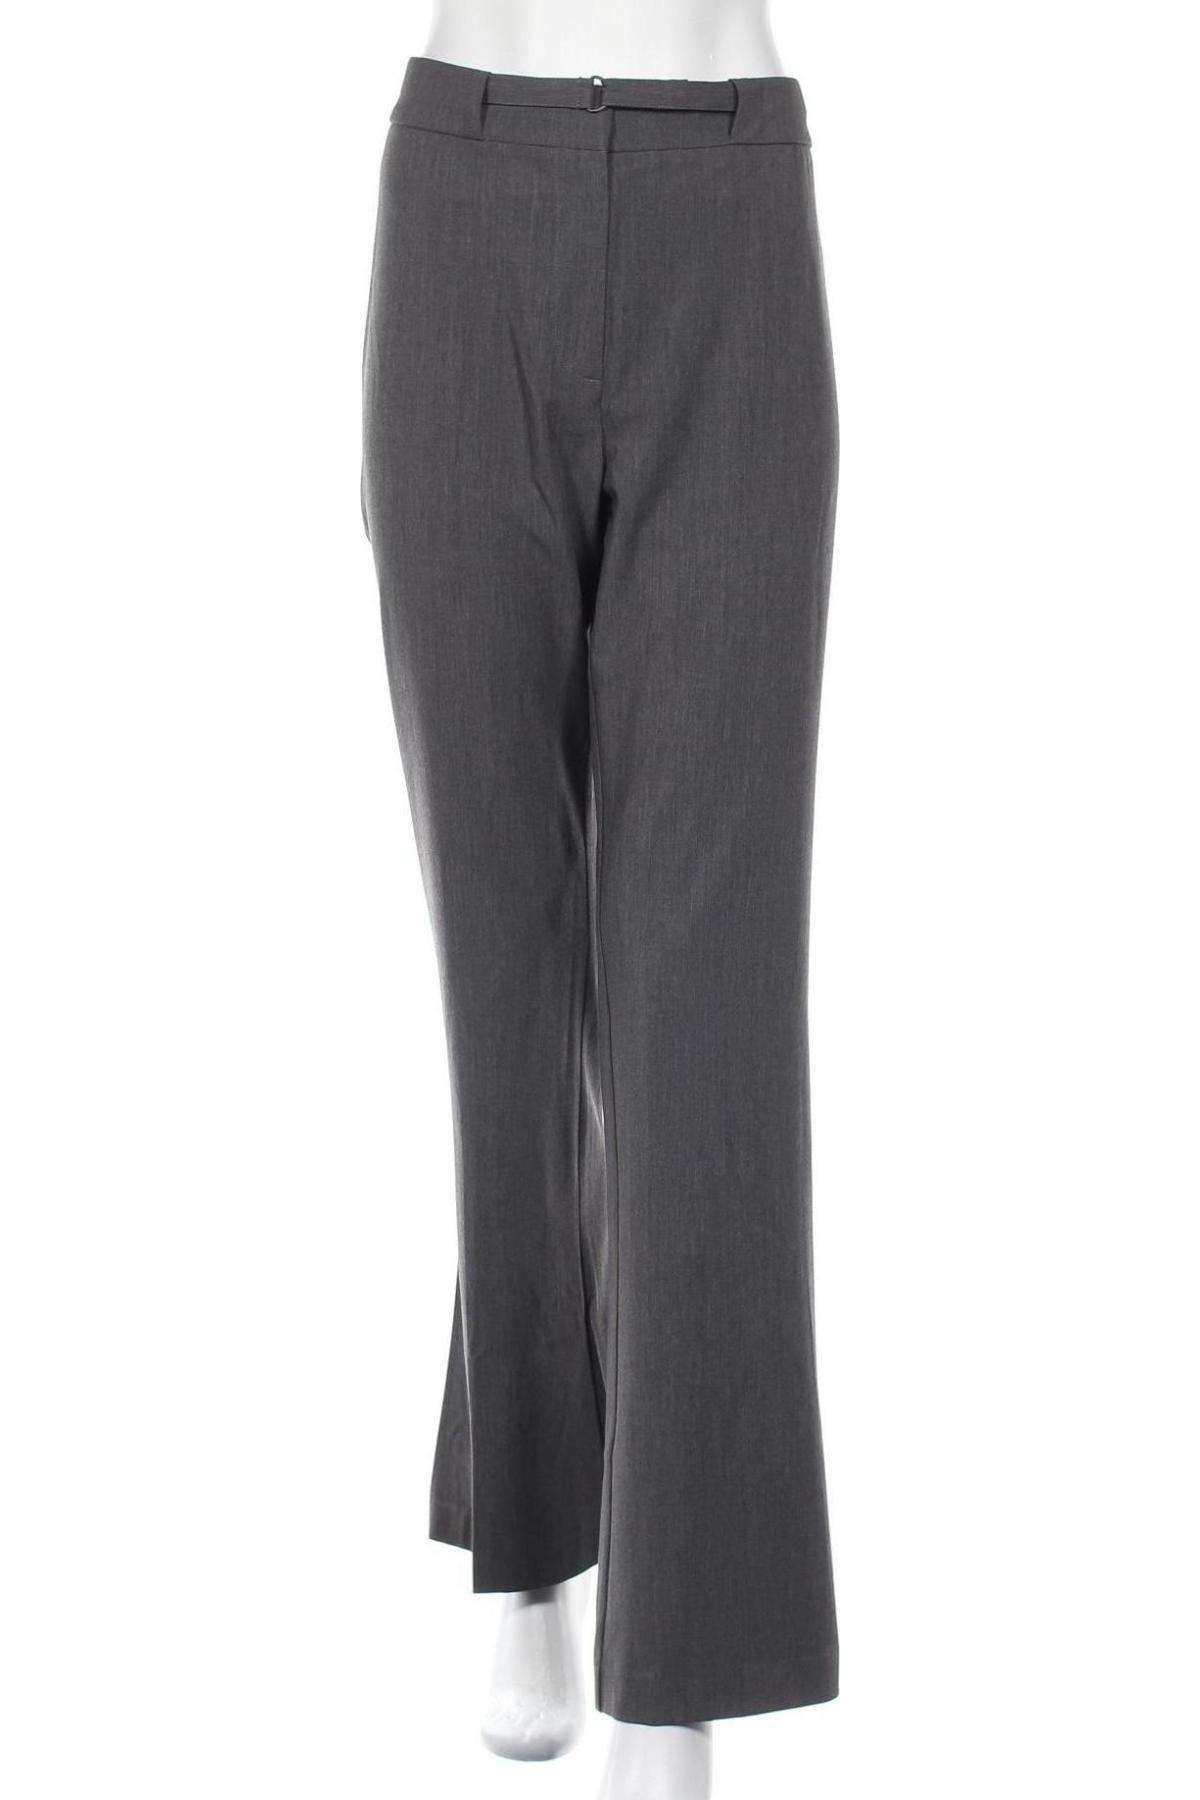 Дамски панталон Stefanel, Размер M, Цвят Сив, 62% полиестер, 33% вискоза, 5% еластан, Цена 29,31лв.